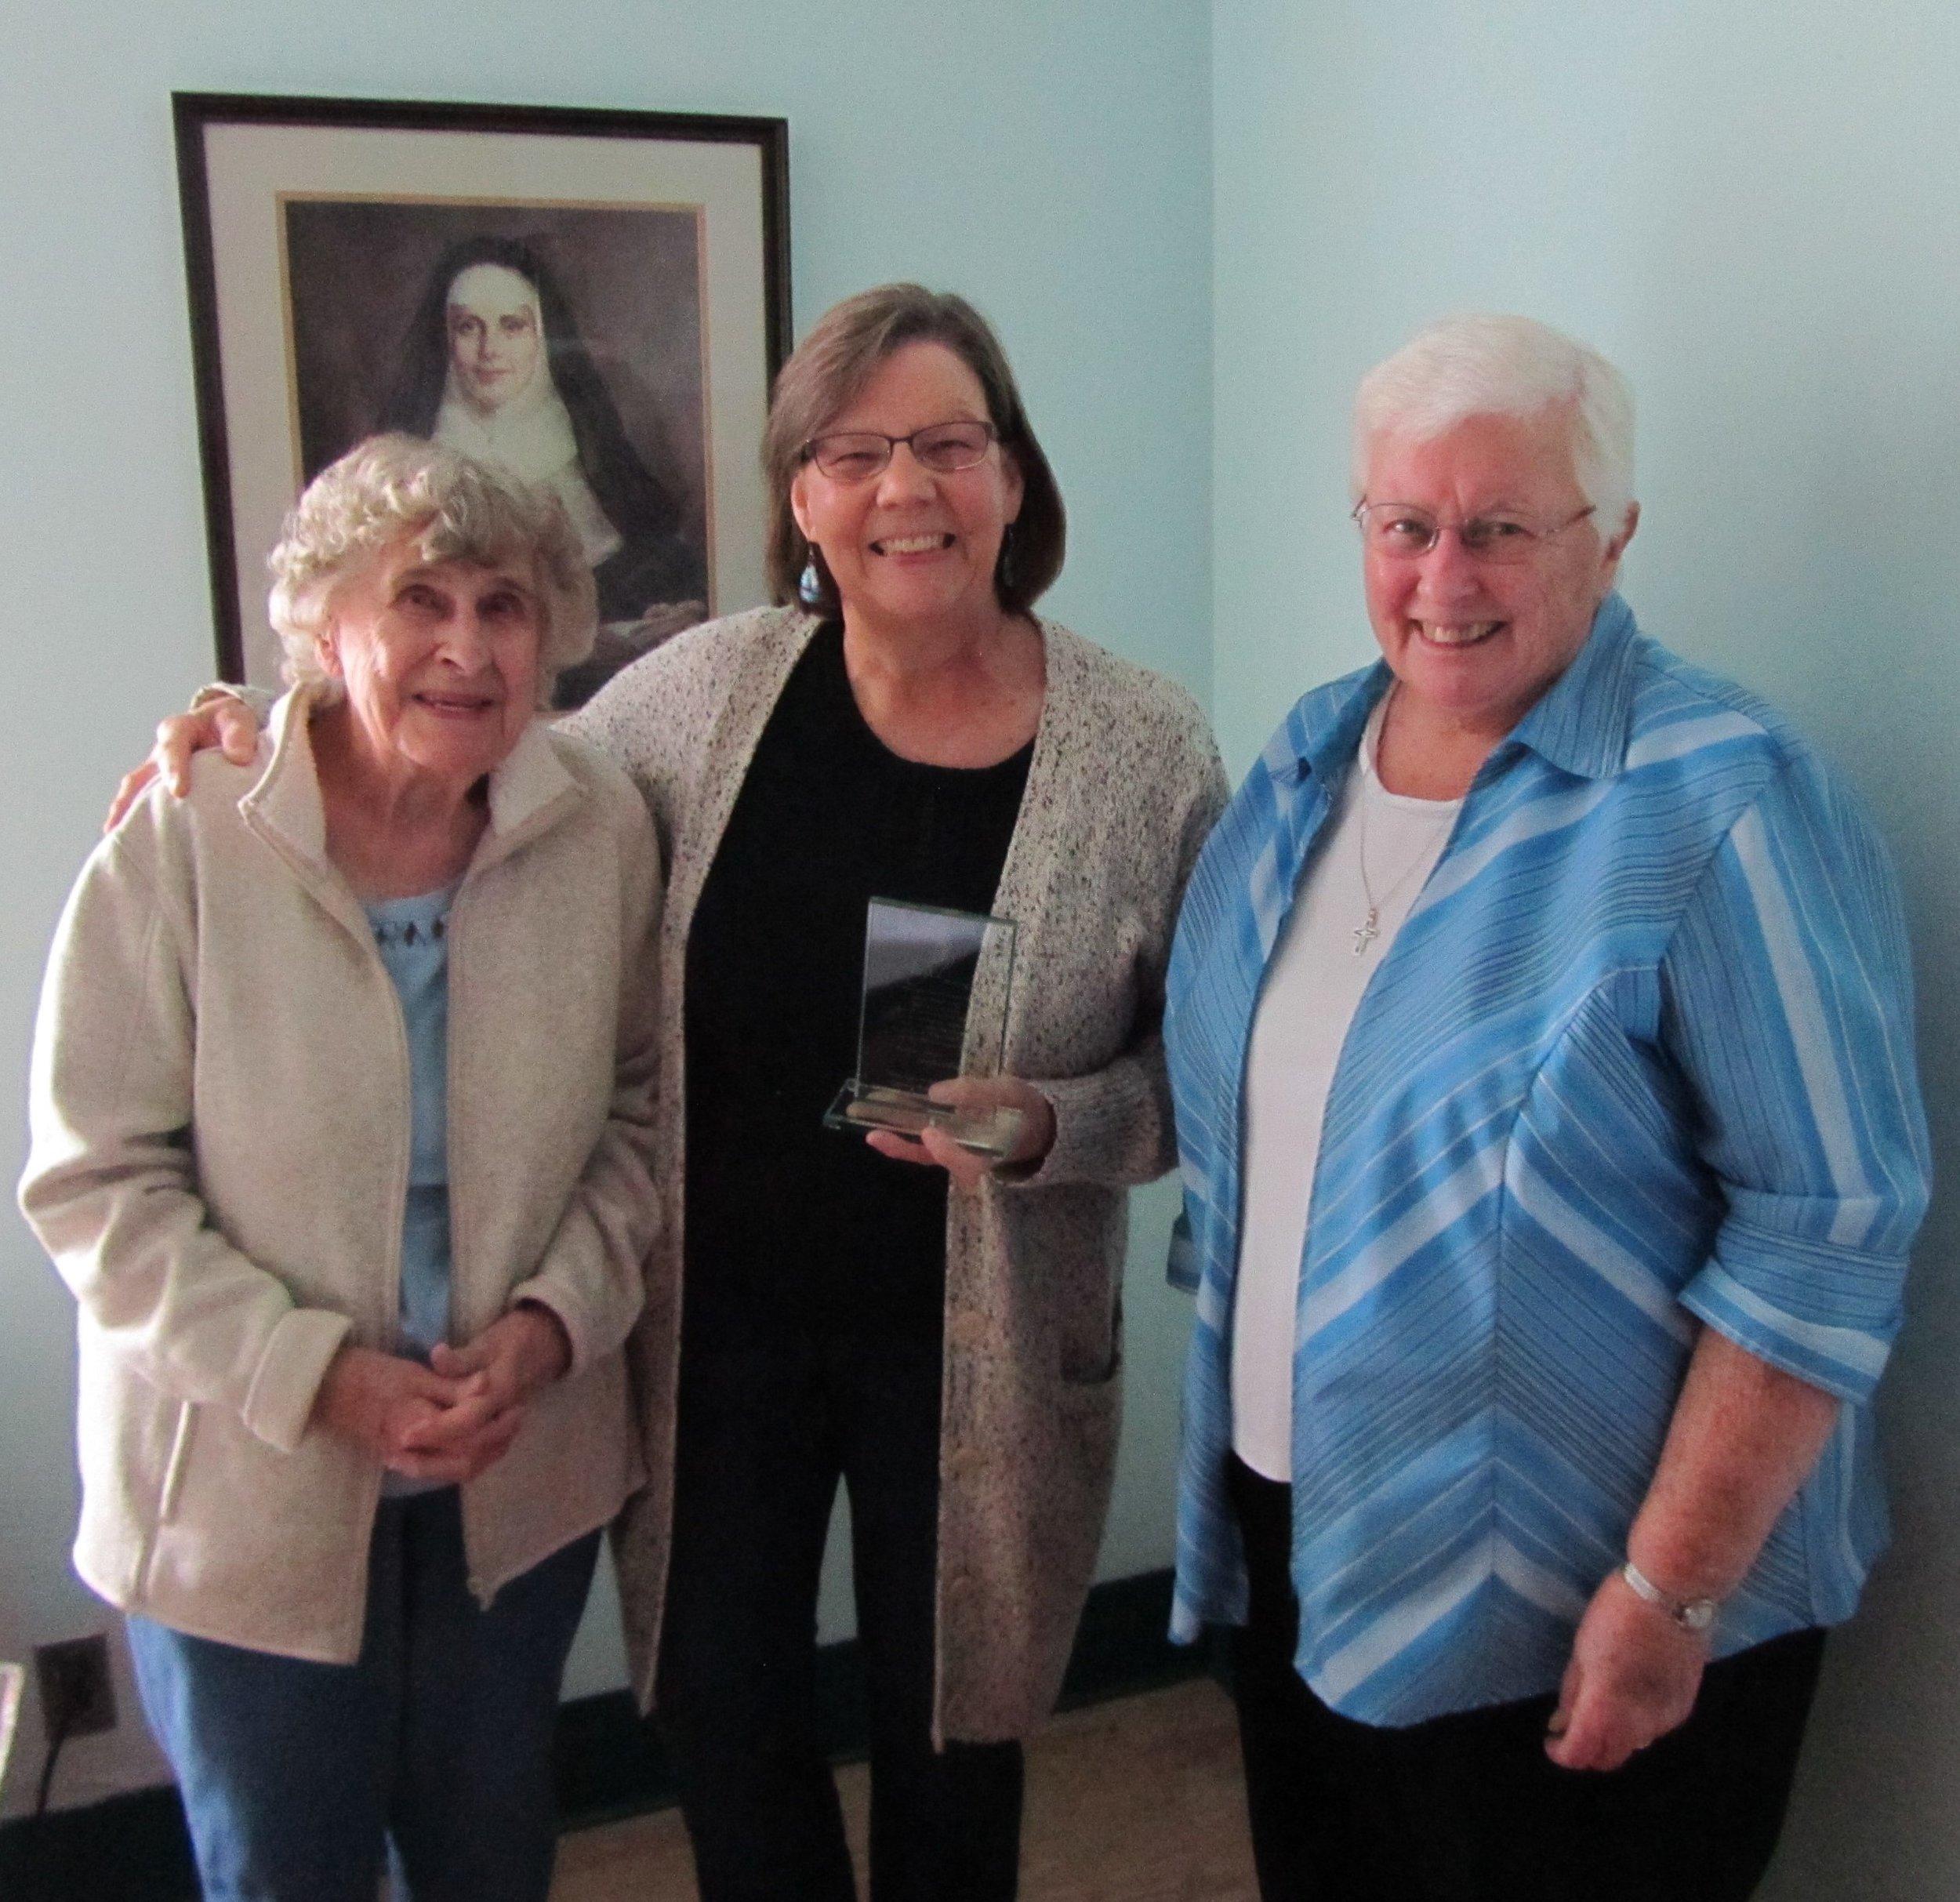 Colette Lettero Award w Cathy McDougal.Sr. Catherine 9.20.18.jpg